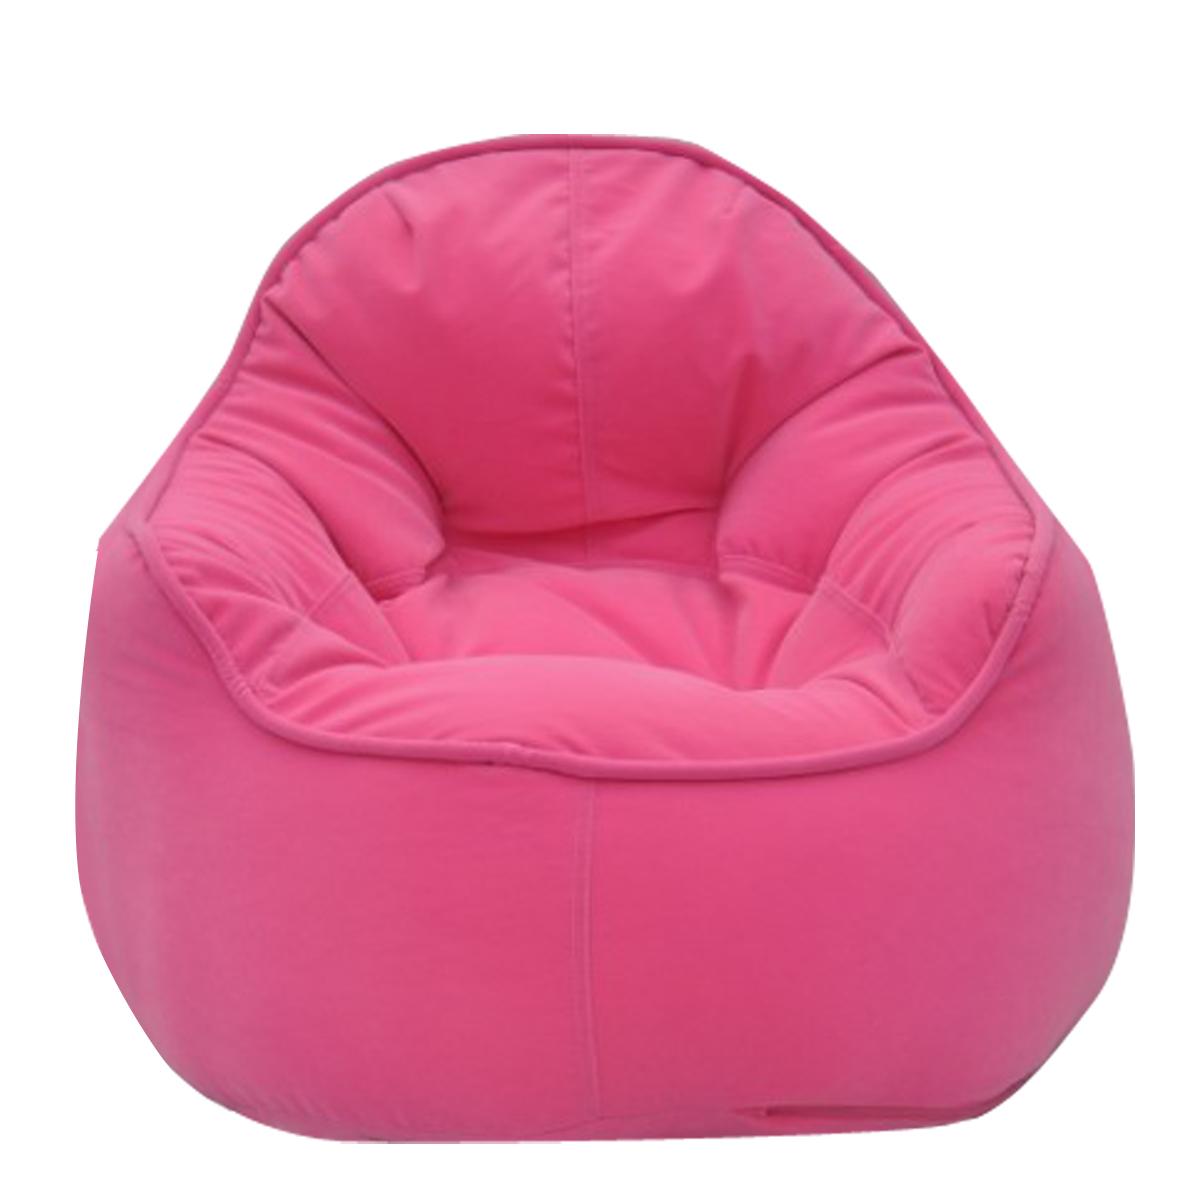 Modern Bean Bag, Bean Bag Chairs For Kids U0026 Adults